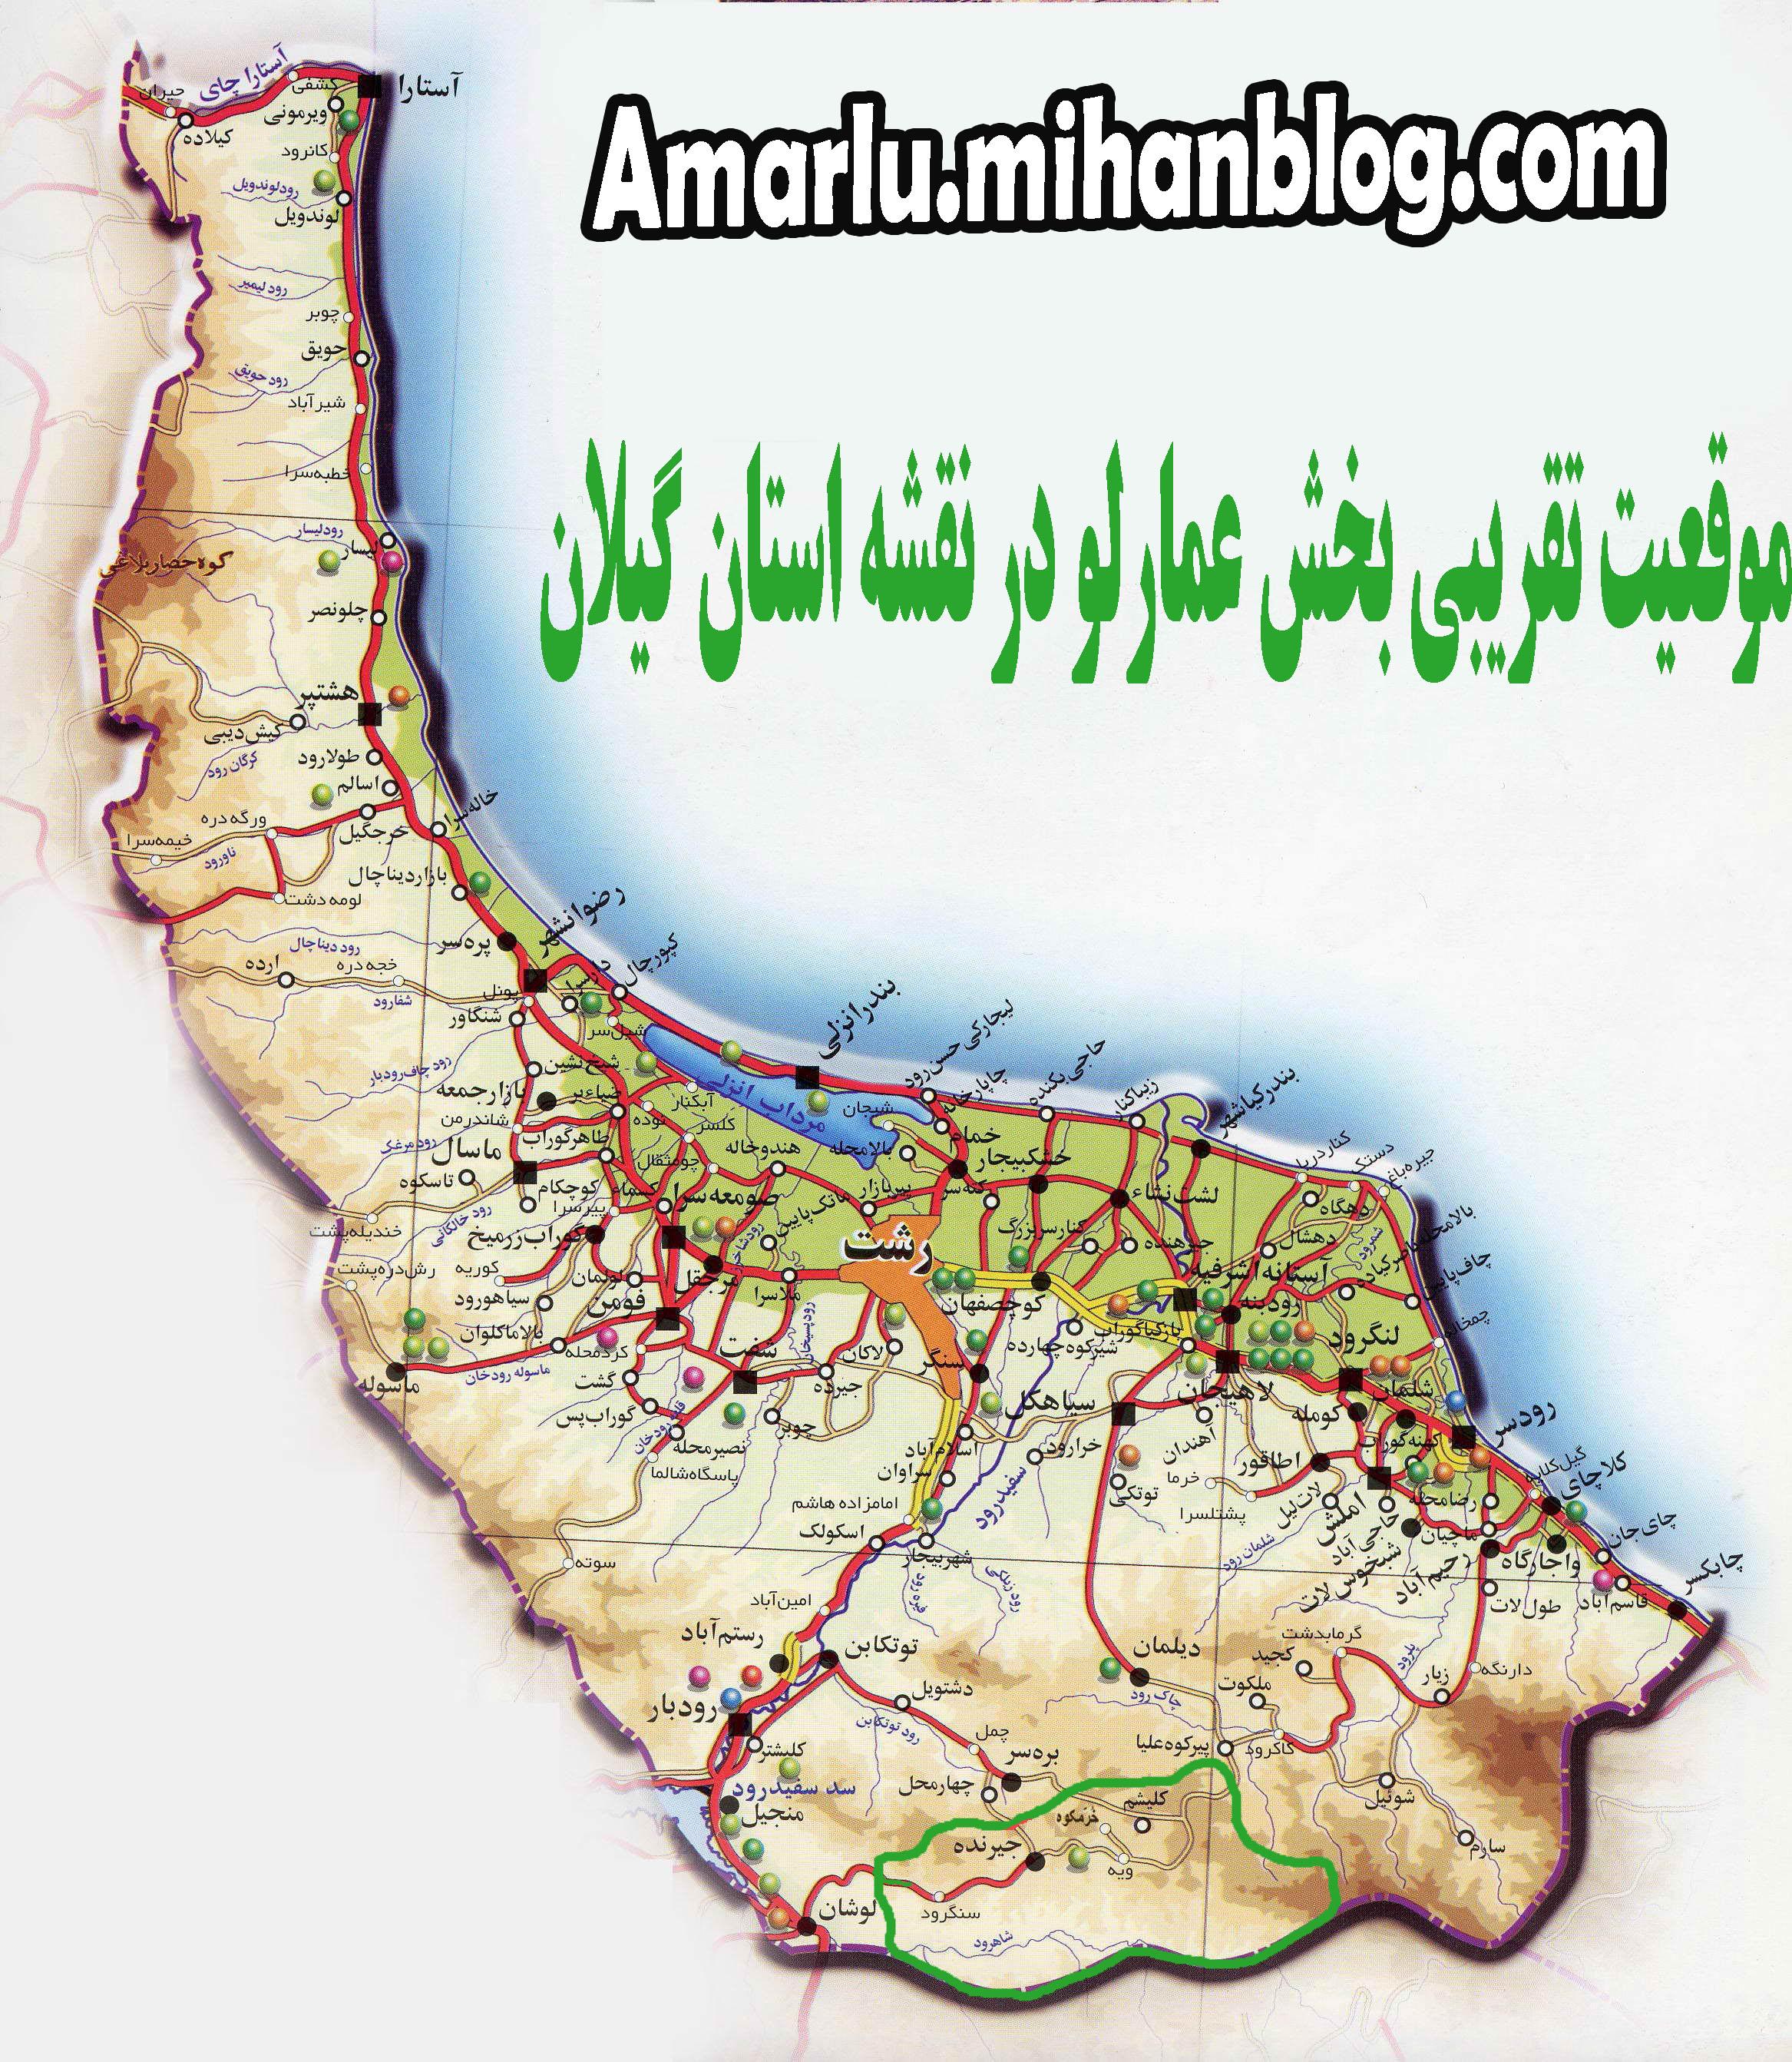 موقعیت تقریبی بخش عمارلو در نقشه استان گیلان+عمارلو،در نقشه گیلان+نام روستاهای بخش عمارلو